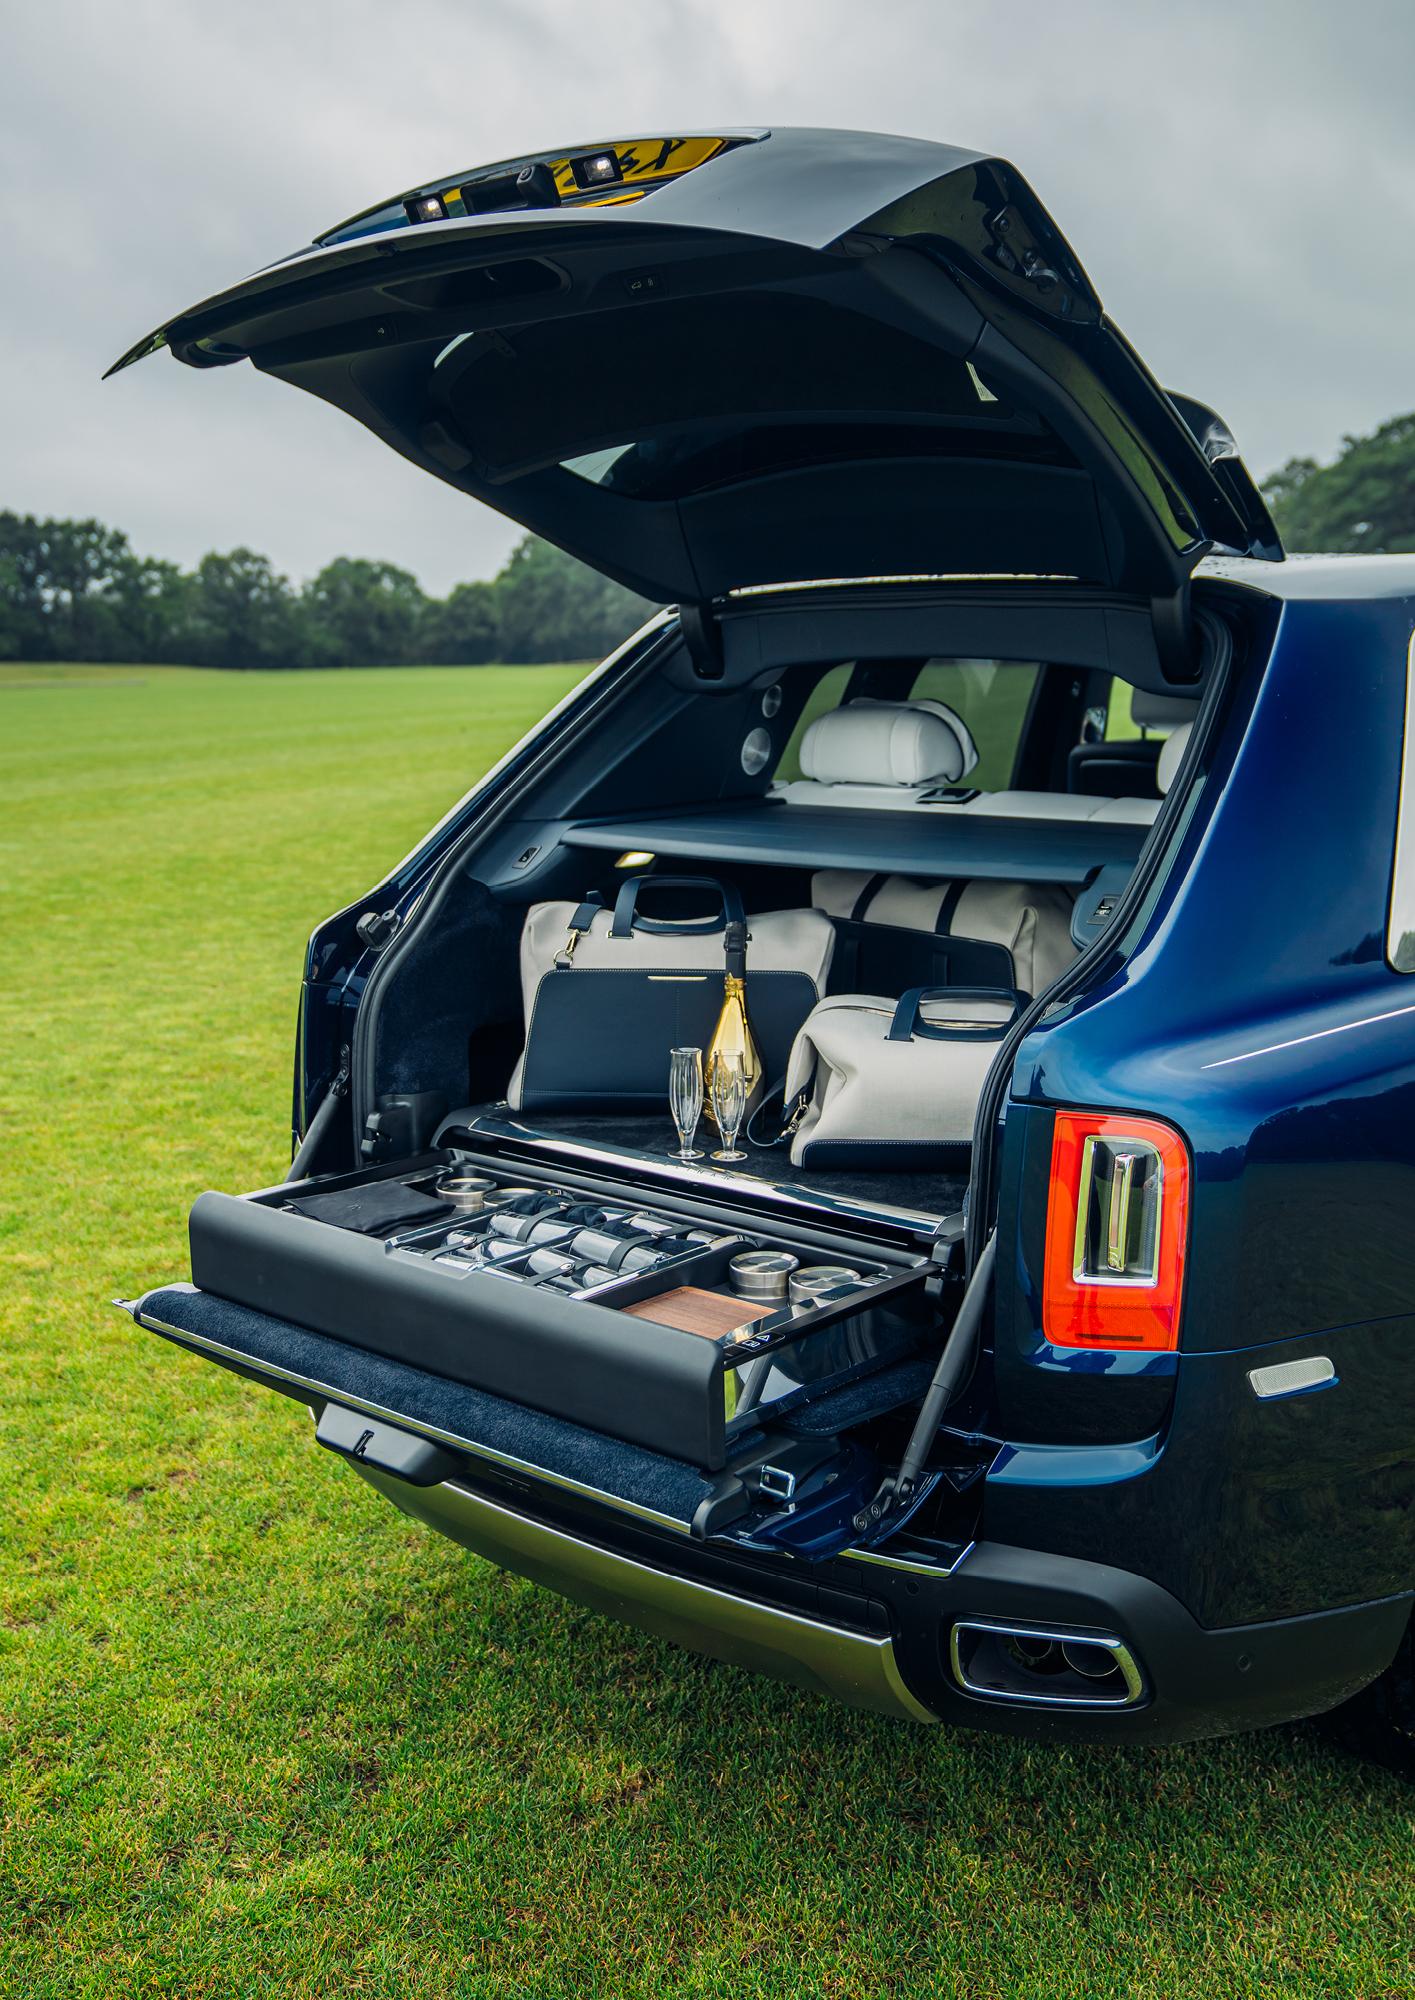 Arrive in style in a Rolls-Royce Cullinan